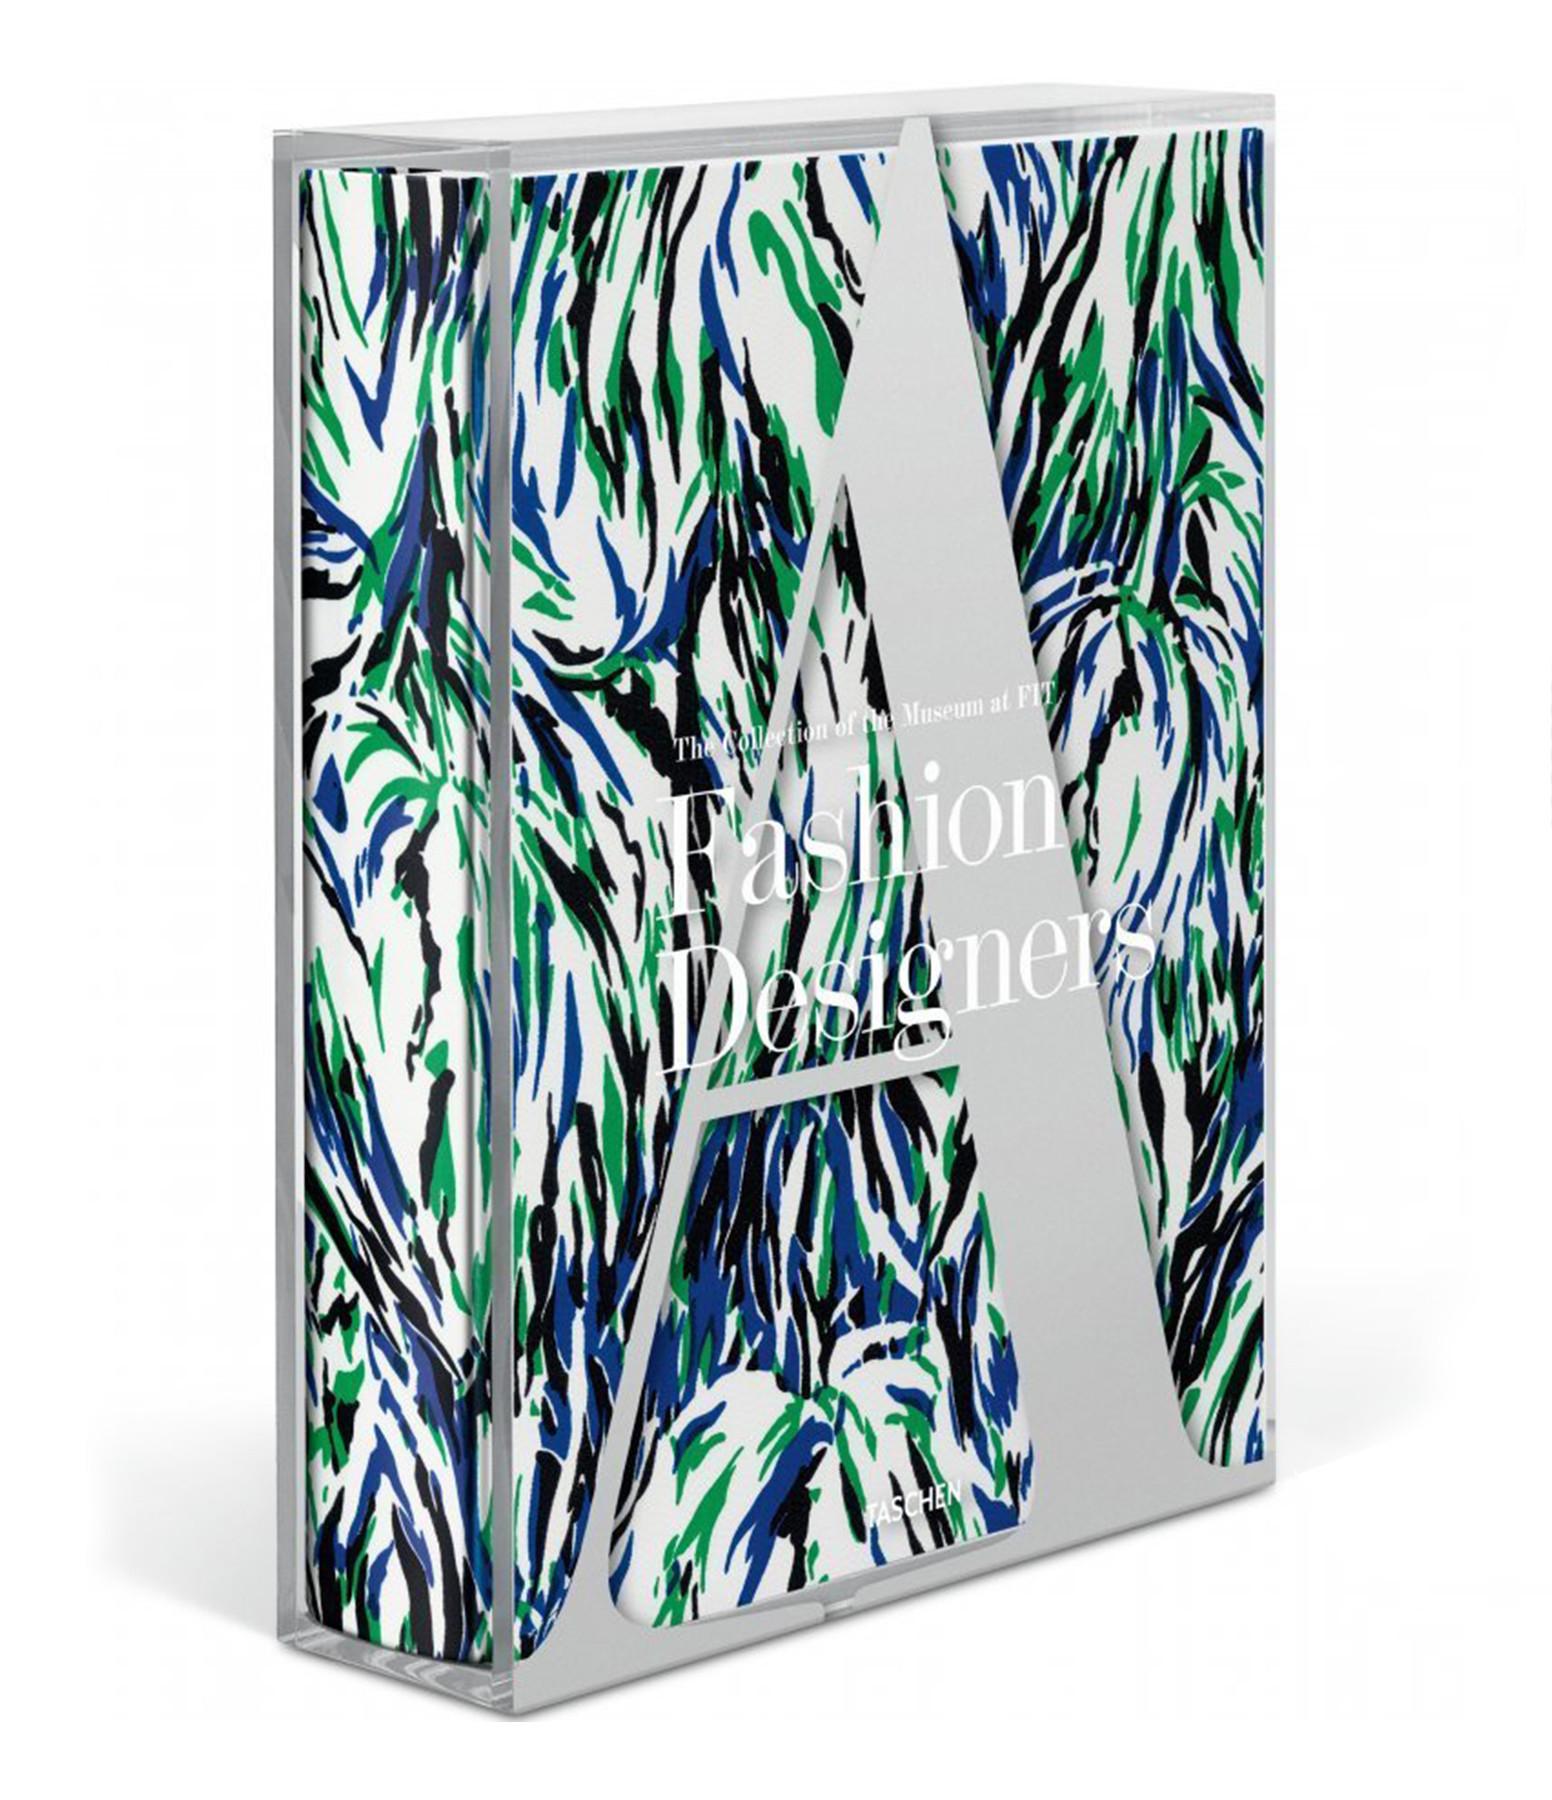 TASCHEN - Livre Fashion Designers A-Z Stell Edition